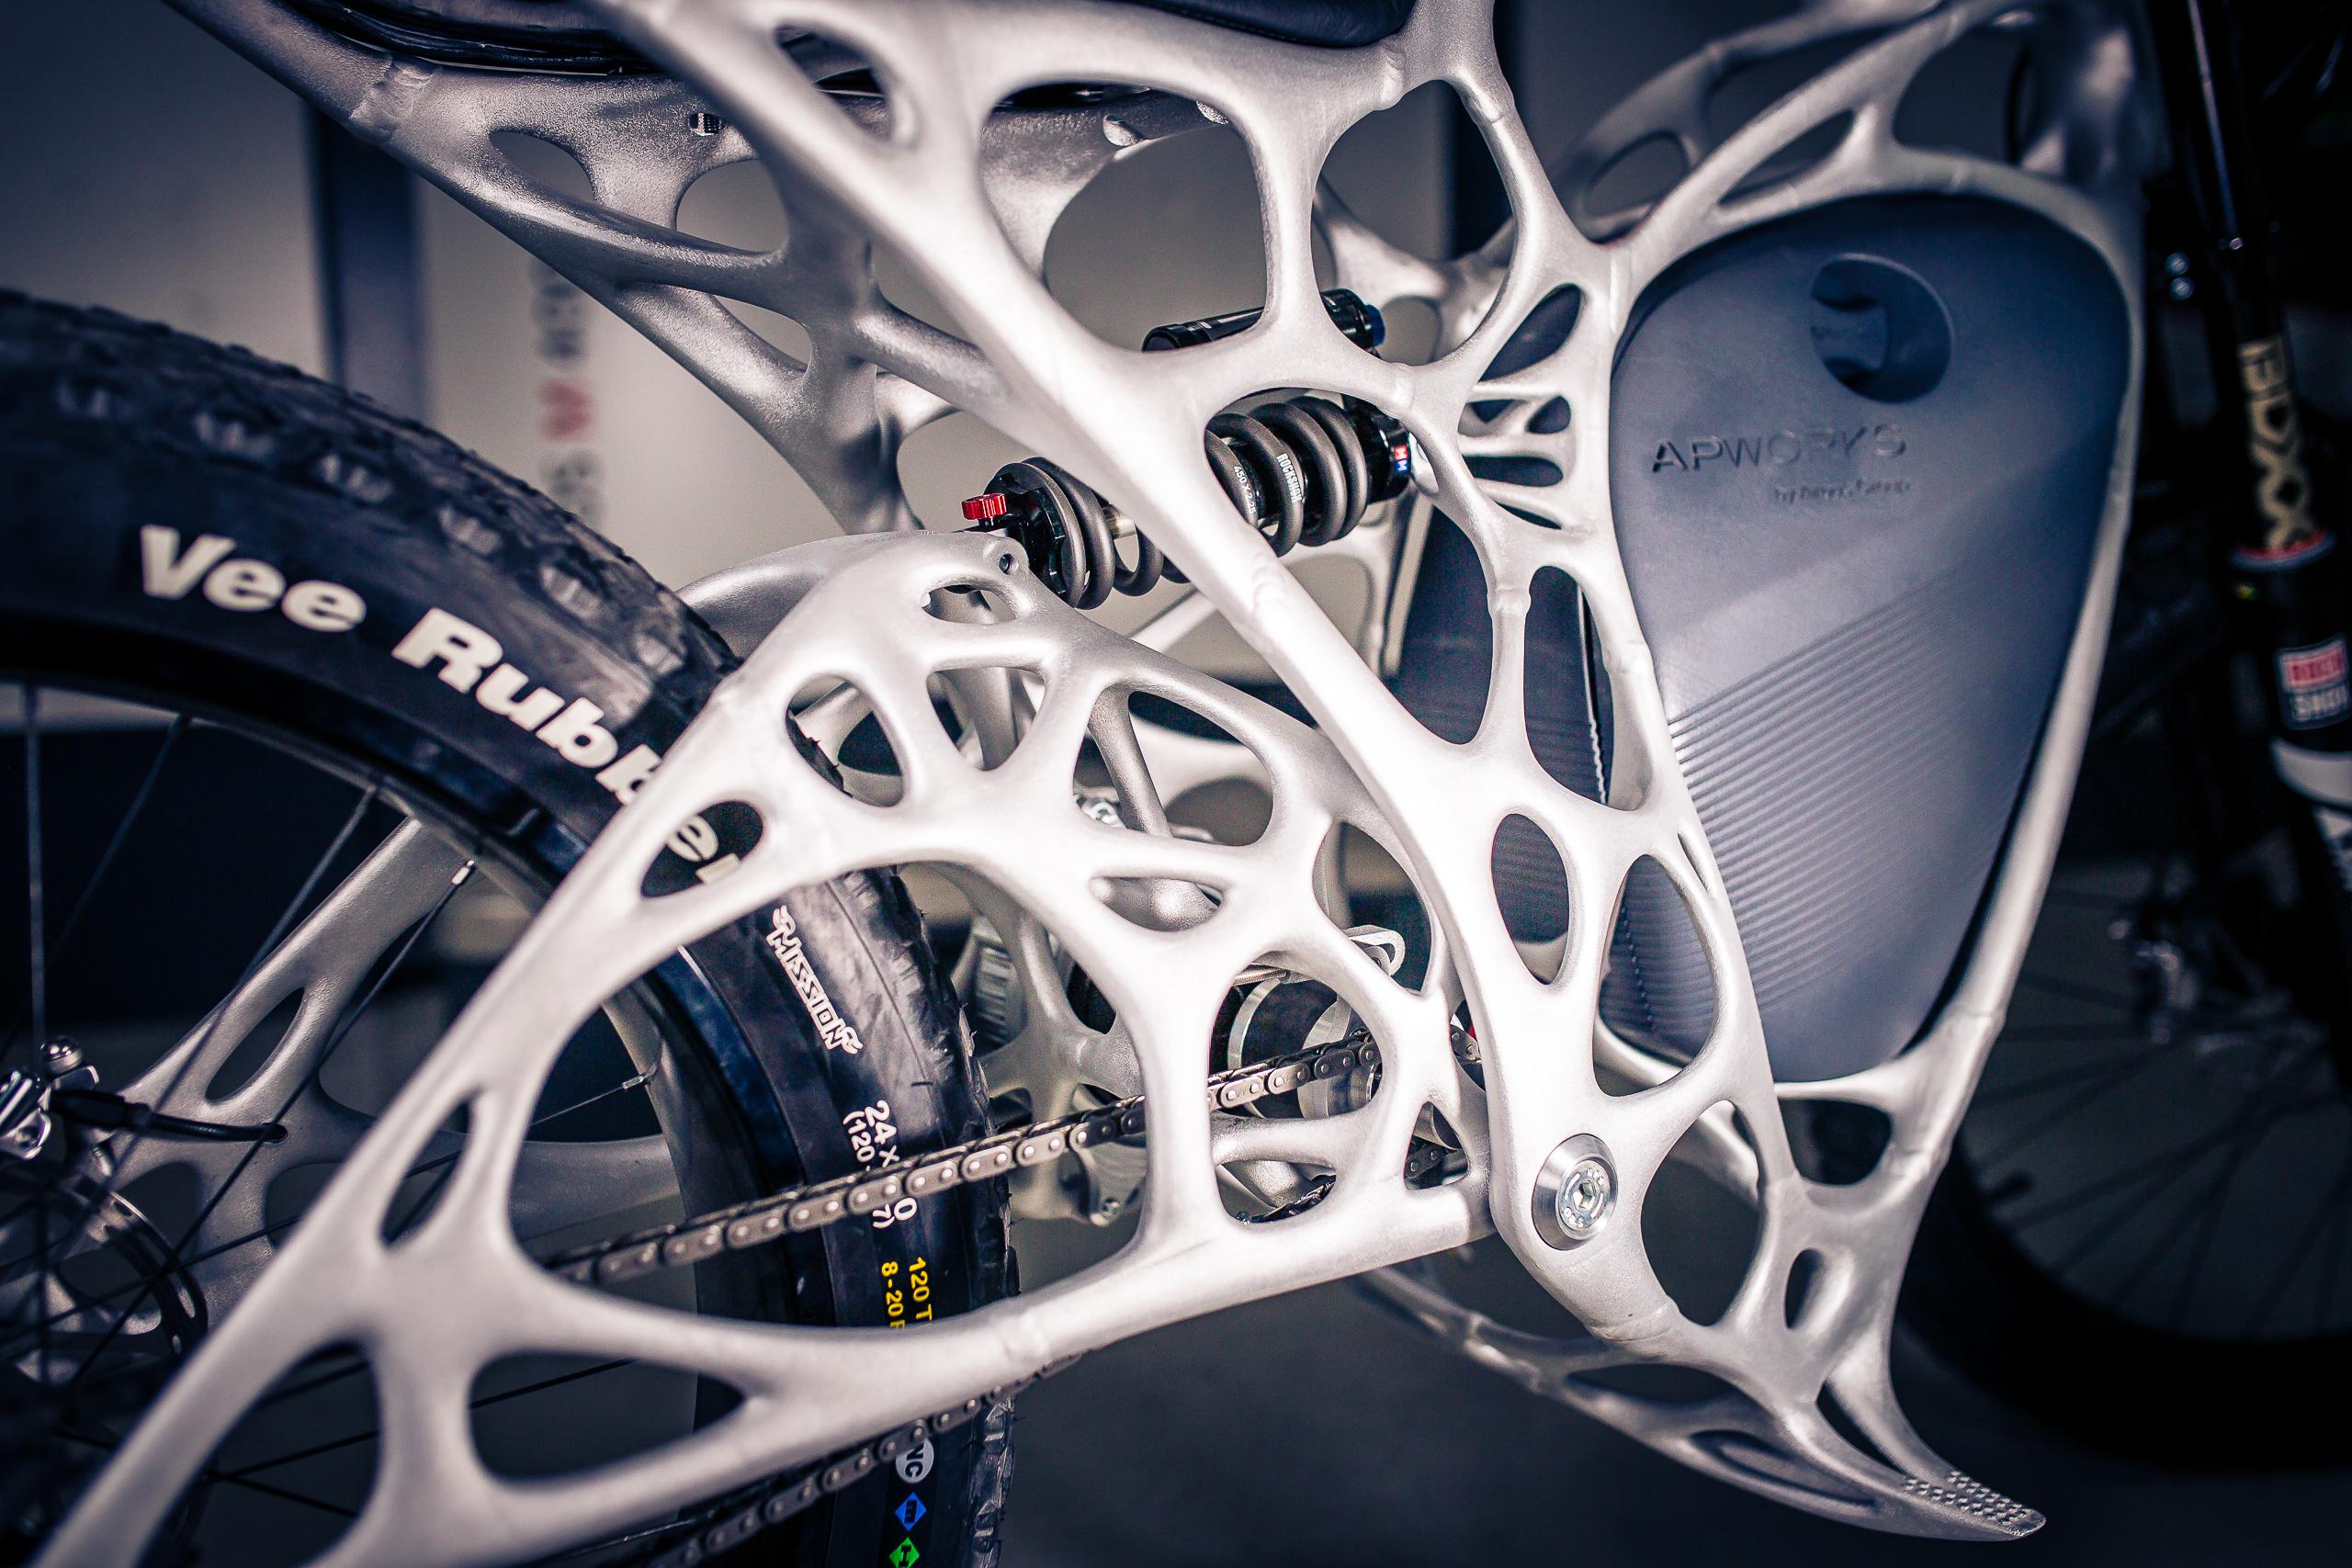 Light Rider: Airbus-Tochter baut E-Motorrad aus dem 3D-Drucker - Der Rahmen aus einer speziellen Aluminiumlegierung wiegt nur sechs Kilogramm. (Foto: APWorks)